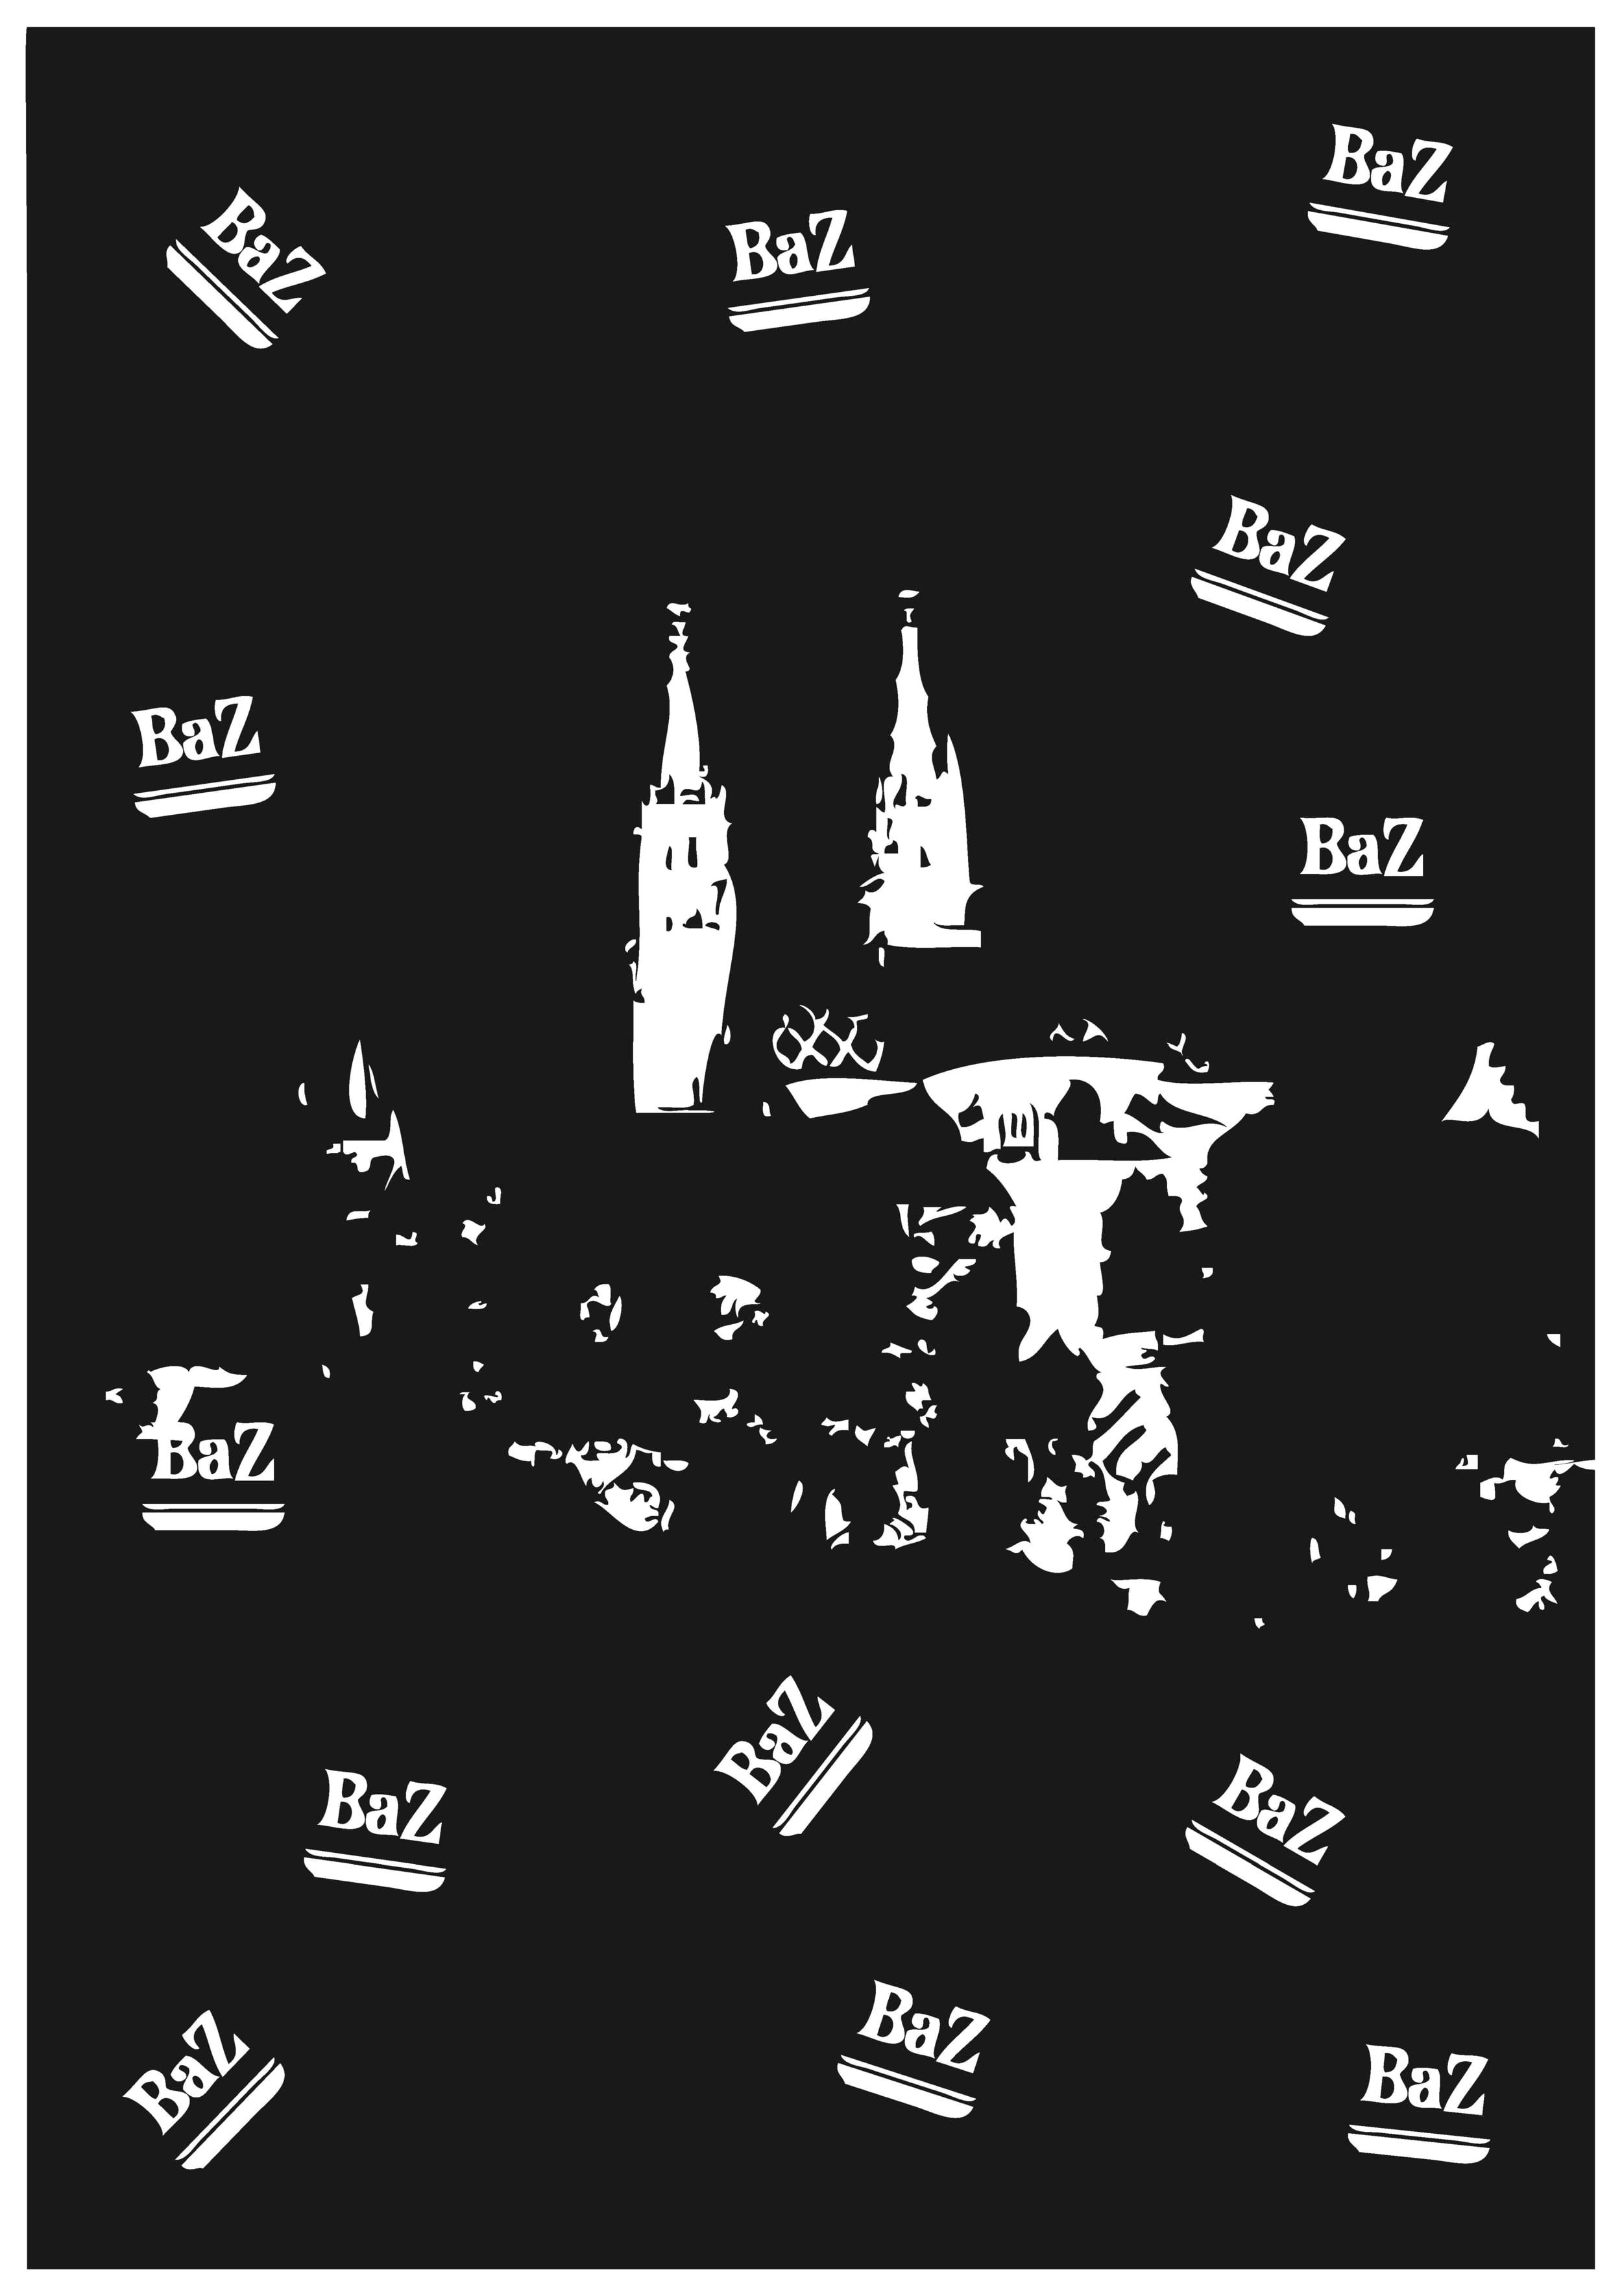 """Zum s Befinde uusefinde het jetzt d BaZ en Umfroog gmacht:   """"Hänn si Angscht? Am Claraplatz? Im Tram? Bi Tag? Oder bi Nacht?""""   S Ergäbnis isch für d BaZ prekär, well d Helfti antwortet mit Pfiff:   """"Ich ha Angscht dass y dr Markus Somm im Dunggle driff."""""""